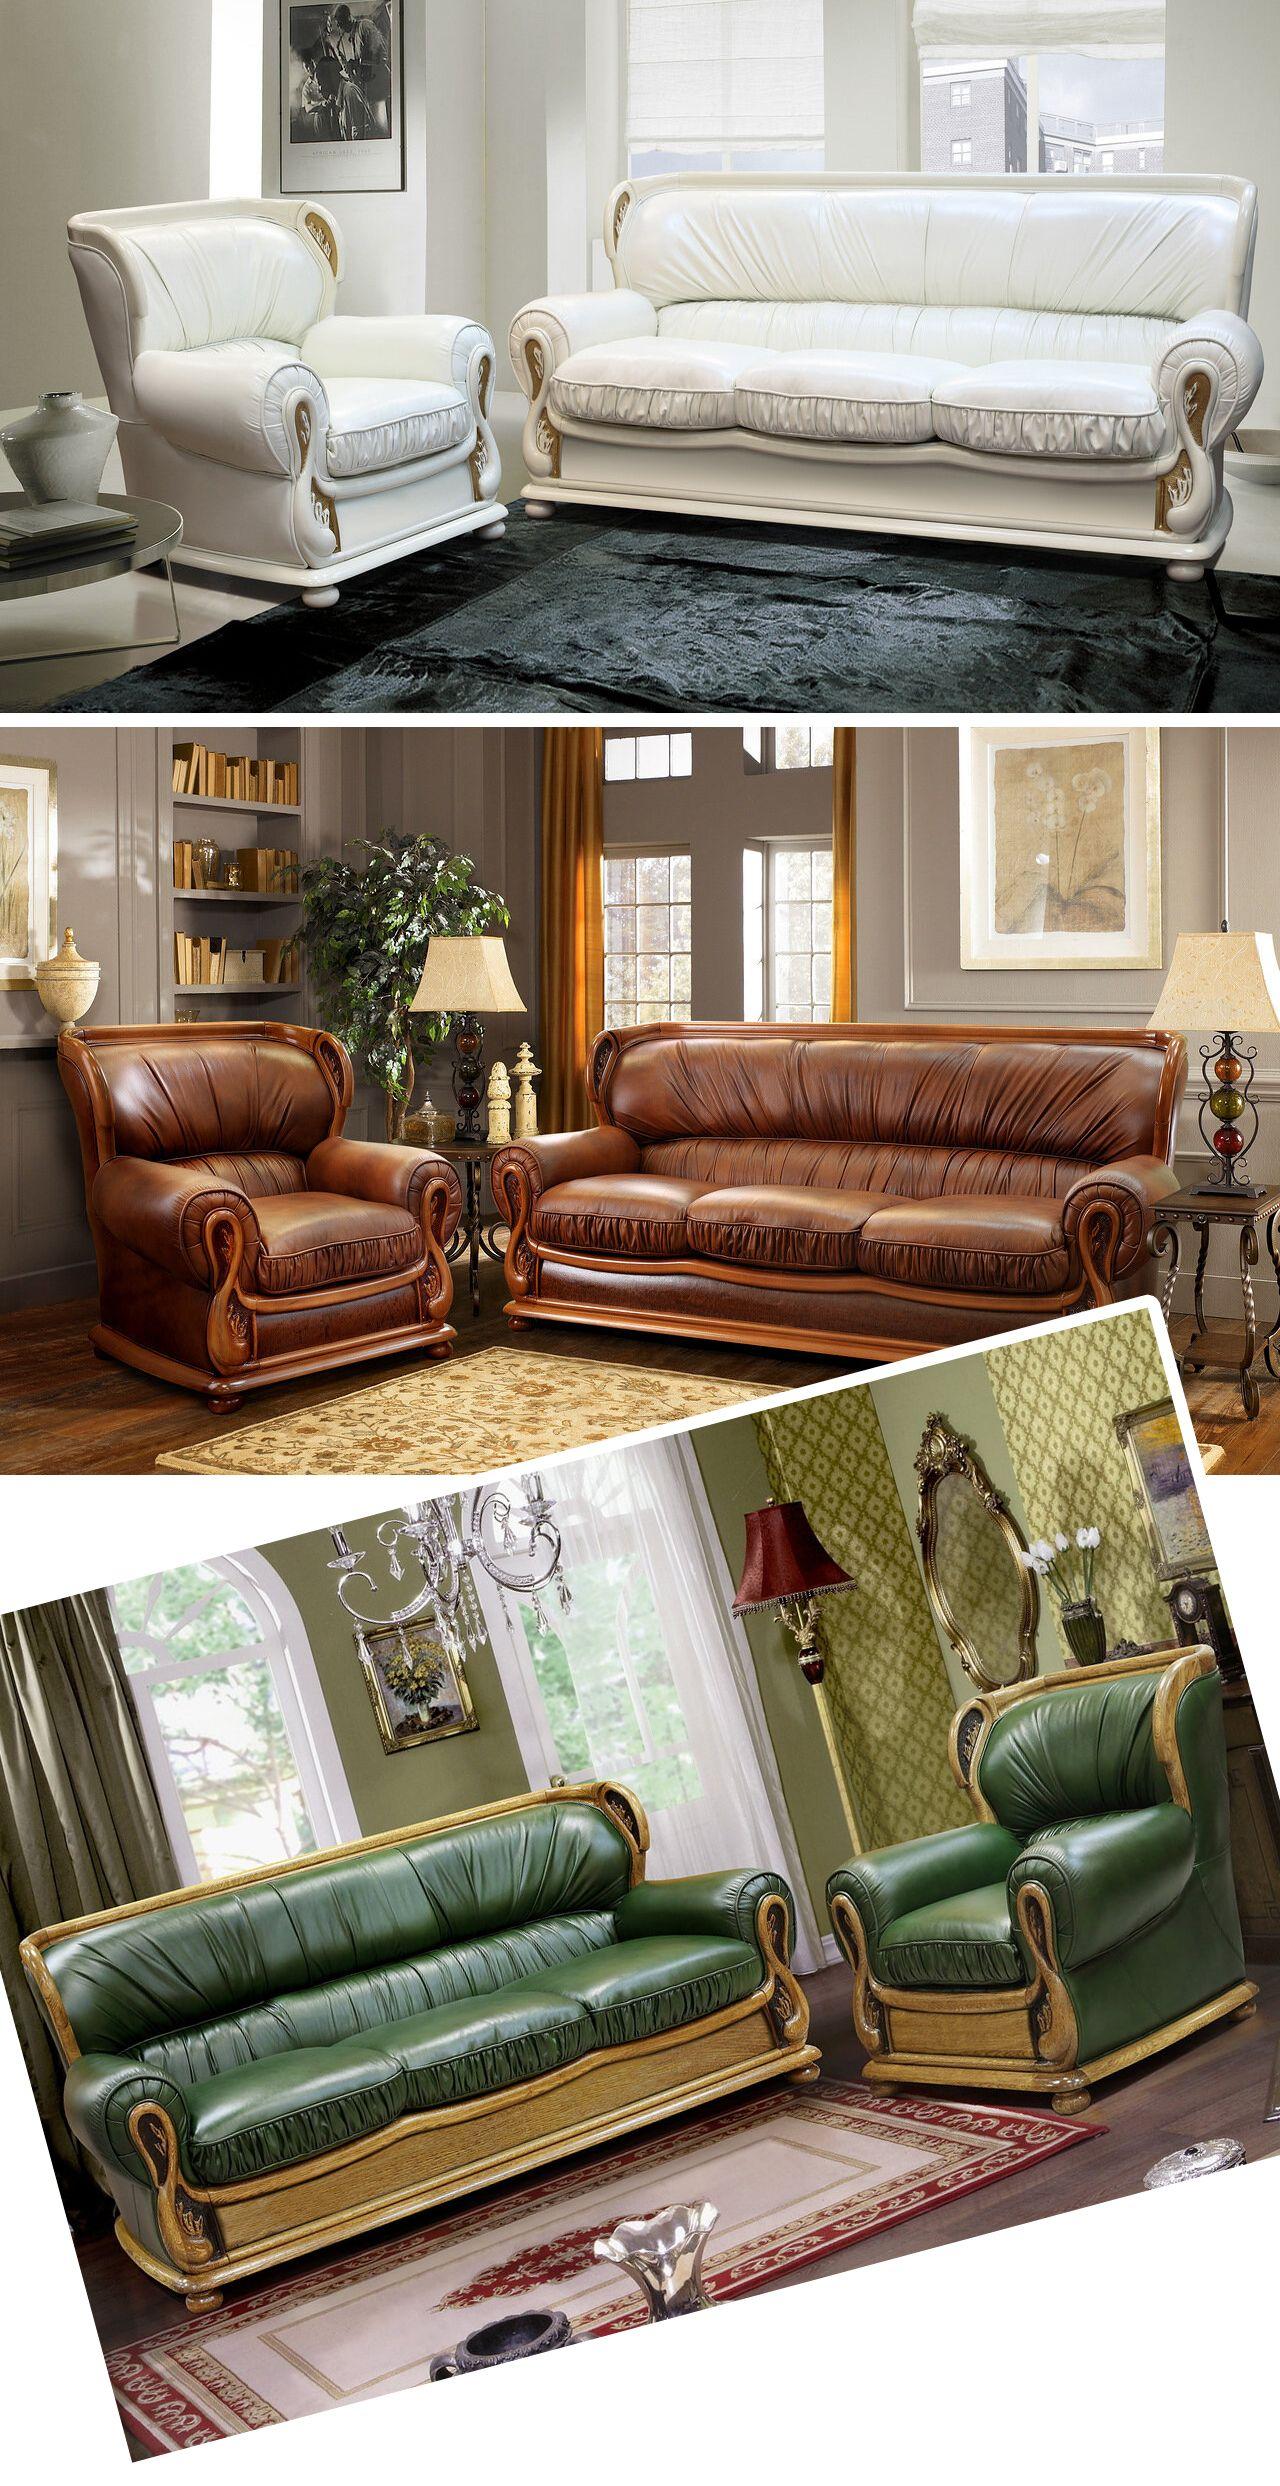 Oxford Ledercouchgarnitur Im Englischen Design Couch Mit Schlaffunktion 2 Sessel Couch Mit Schlaffunktion Couch Haus Deko